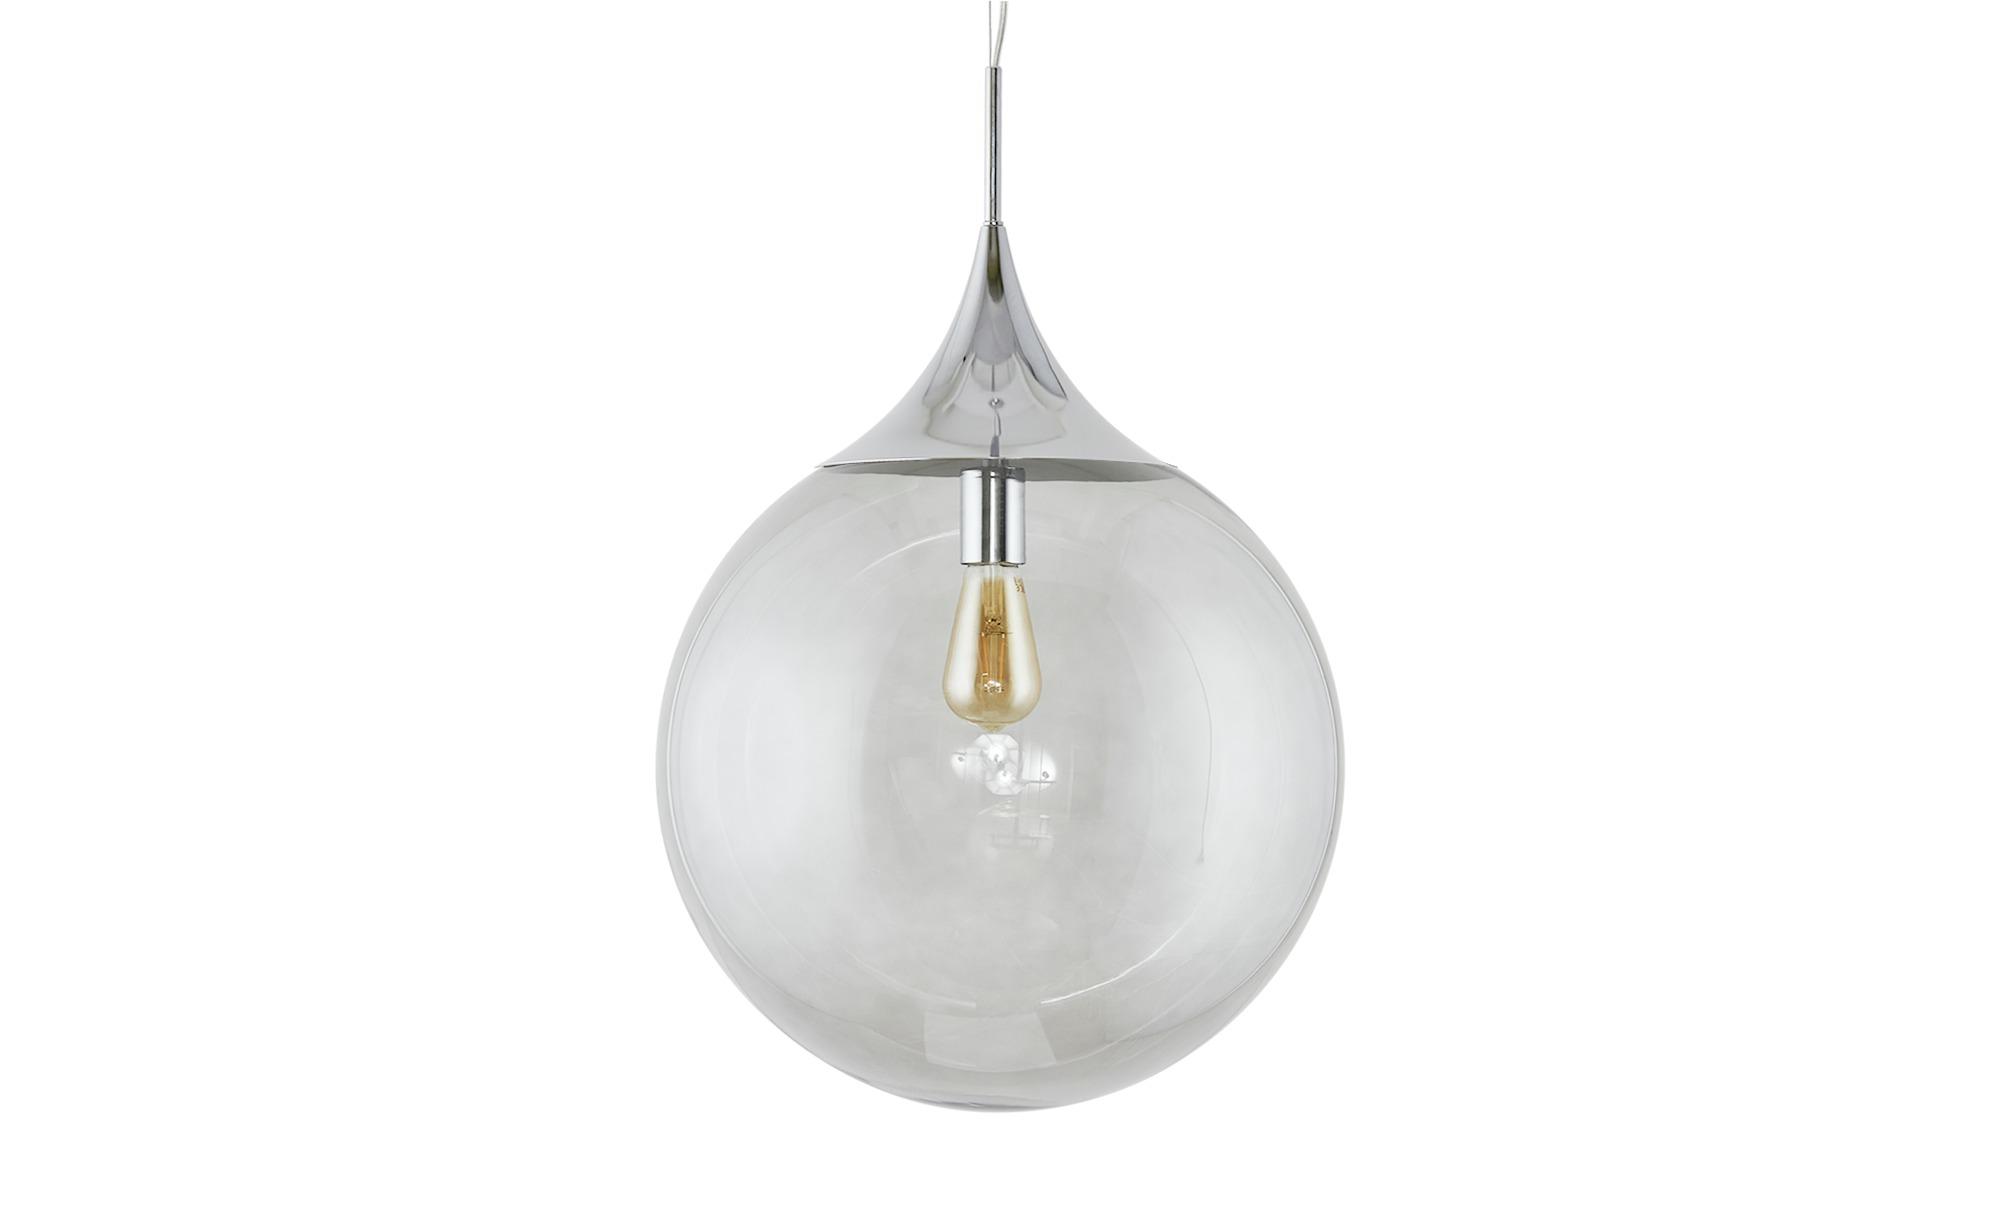 Trio Glaspendelleuchte, 1-flammig ´rauchfarbig´ ¦ grau ¦ Maße (cm): H: 150 Ø: [45.0] Lampen & Leuchten > Innenleuchten > Pendelleuchten - Höffner